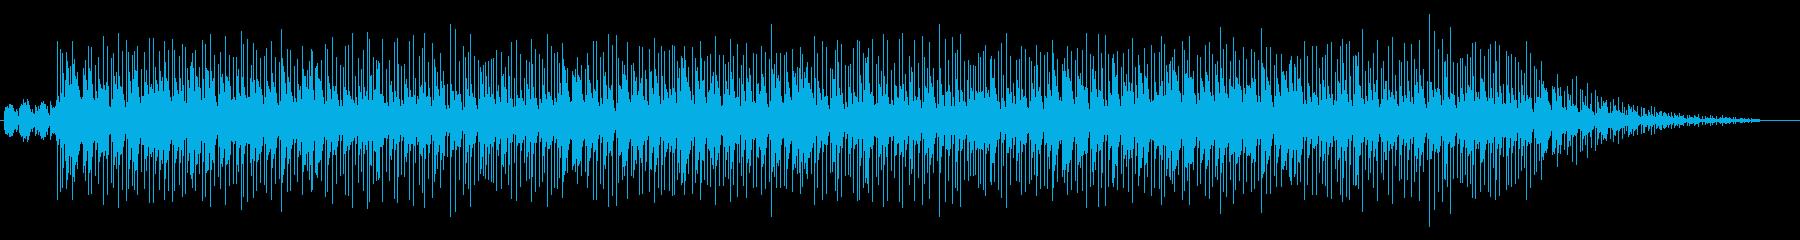 三拍子のイージーリスニングの再生済みの波形